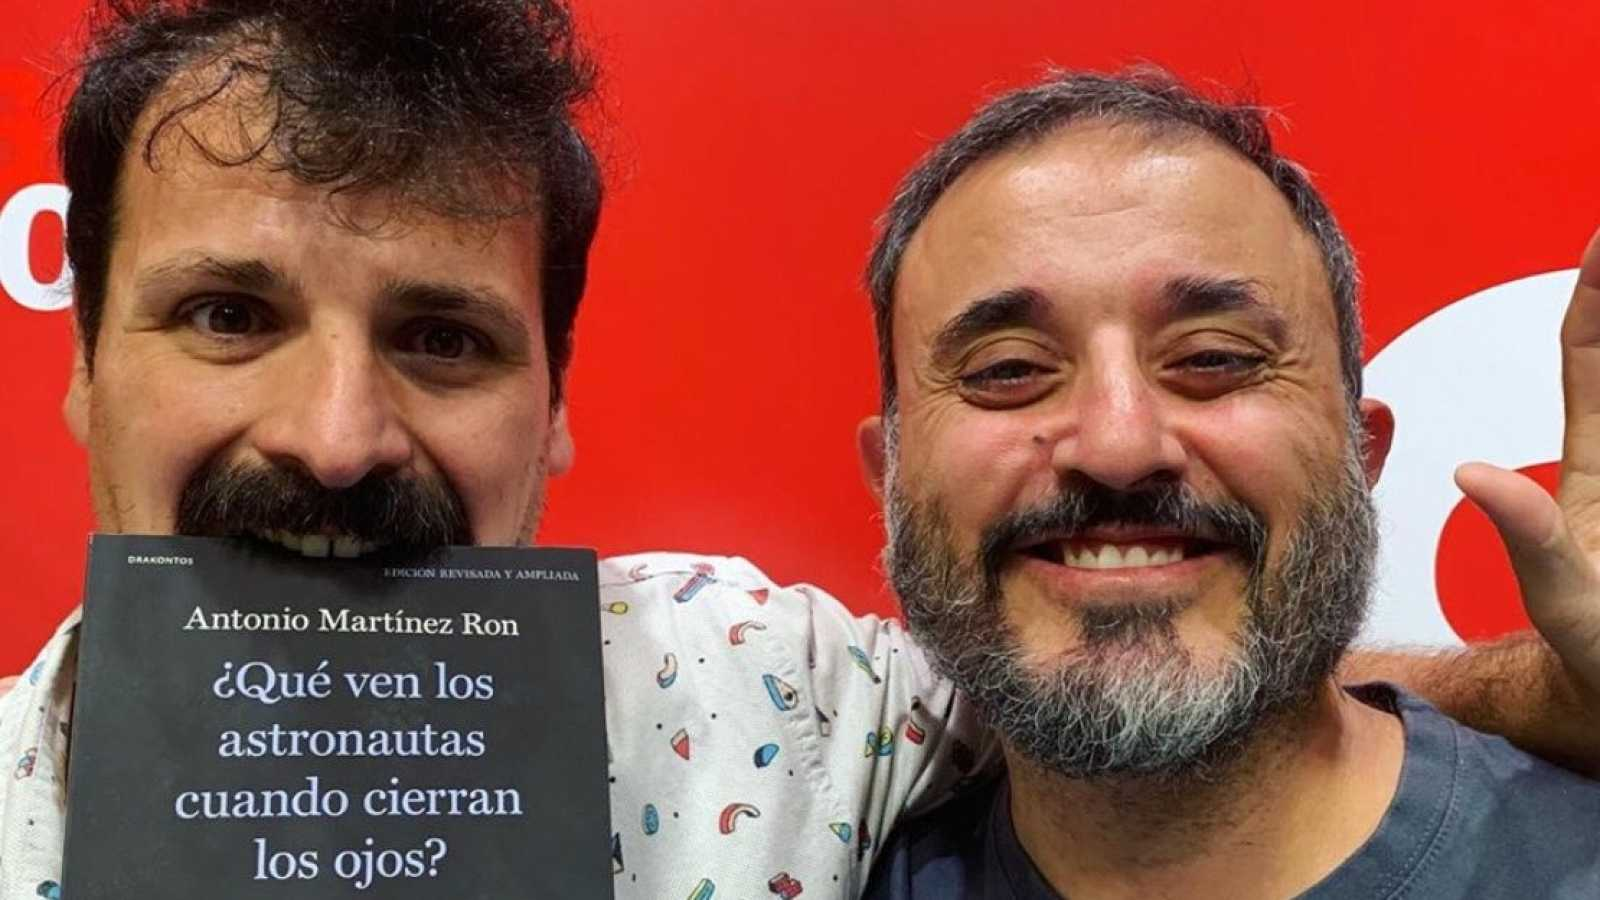 Hoy Empieza Todo con Ángel Carmona - Ciencia Catacrocker - 04/09/19